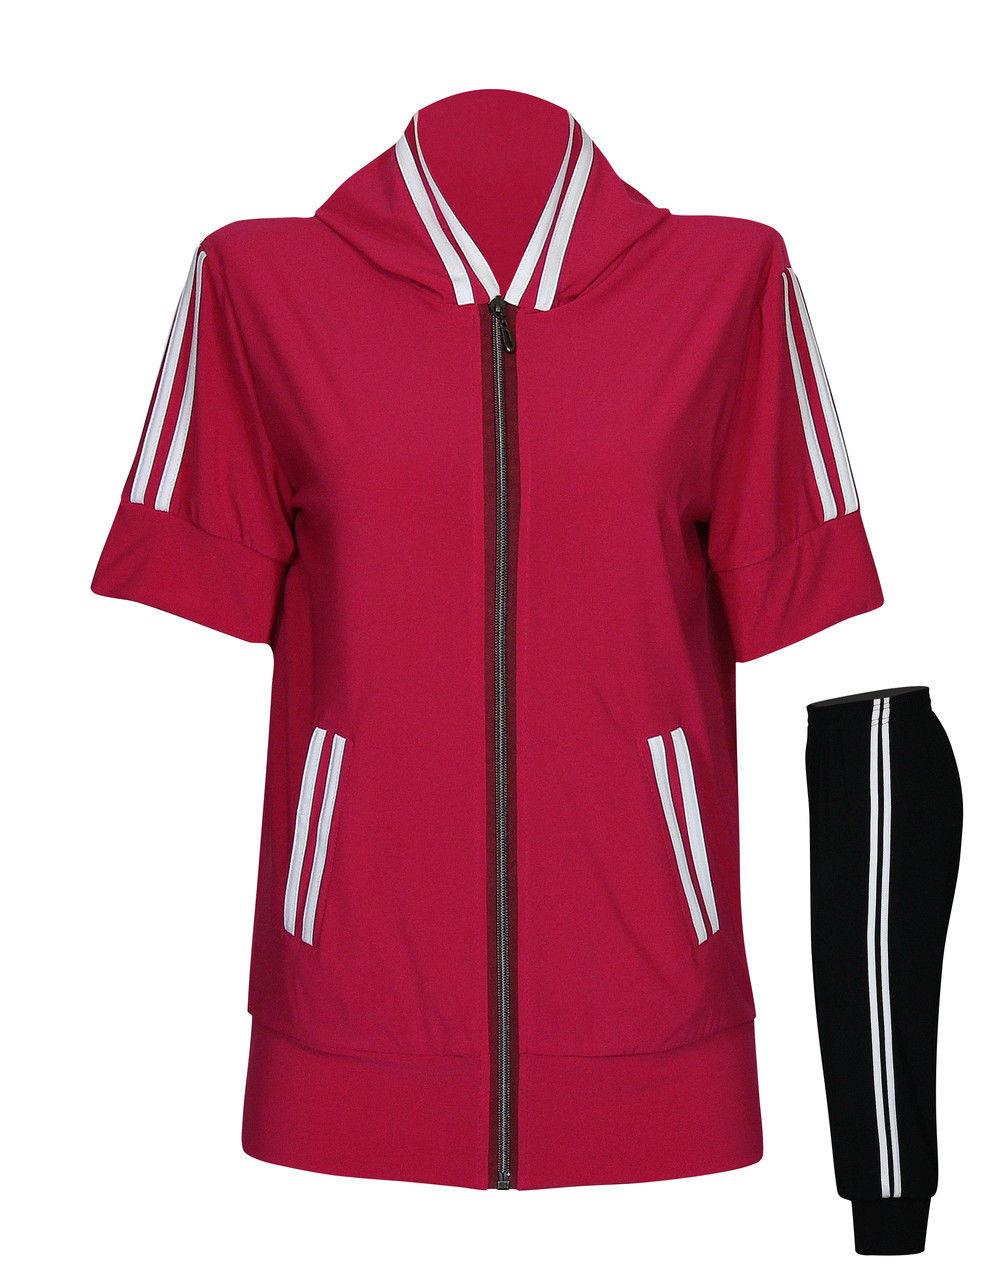 Женские спортивные костюмы 56 размера с доставкой